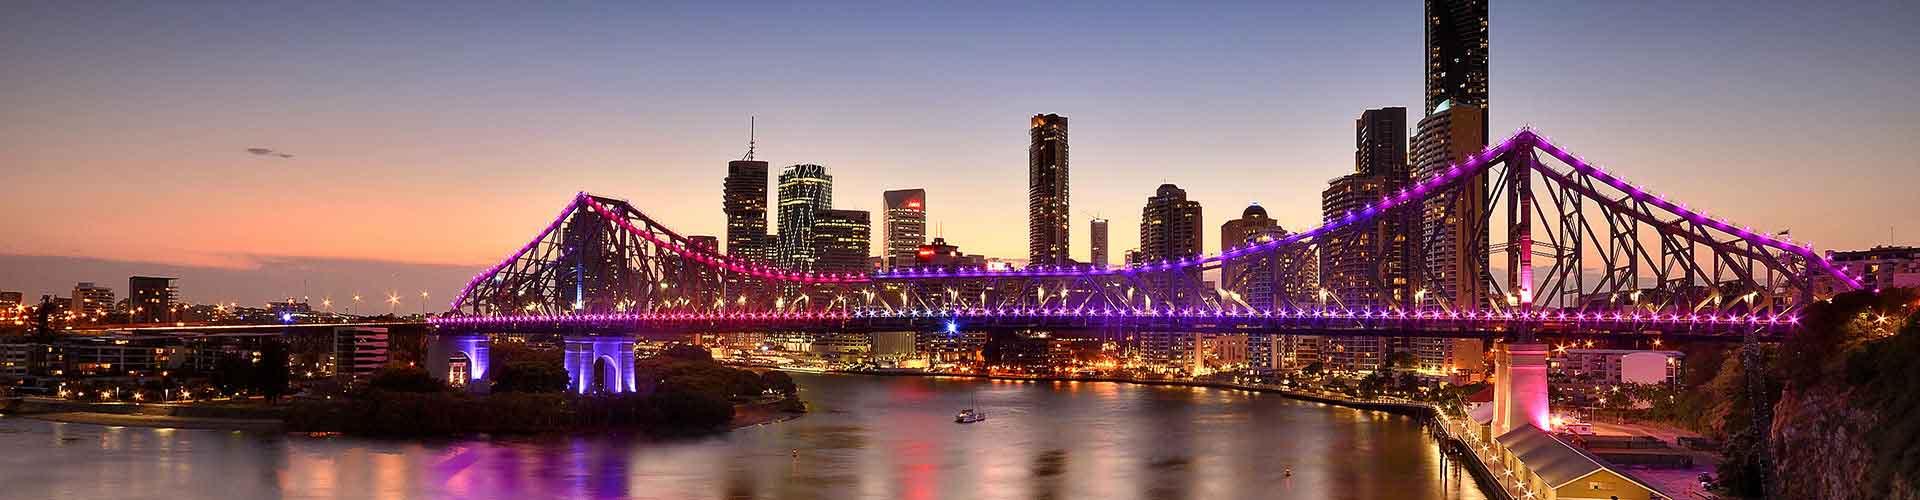 Brisbane - Ifjúsági Szállások Brisbane. Brisbane térképek, fotók és ajánlások minden egyes Ifjúsági Szállások: Brisbane.